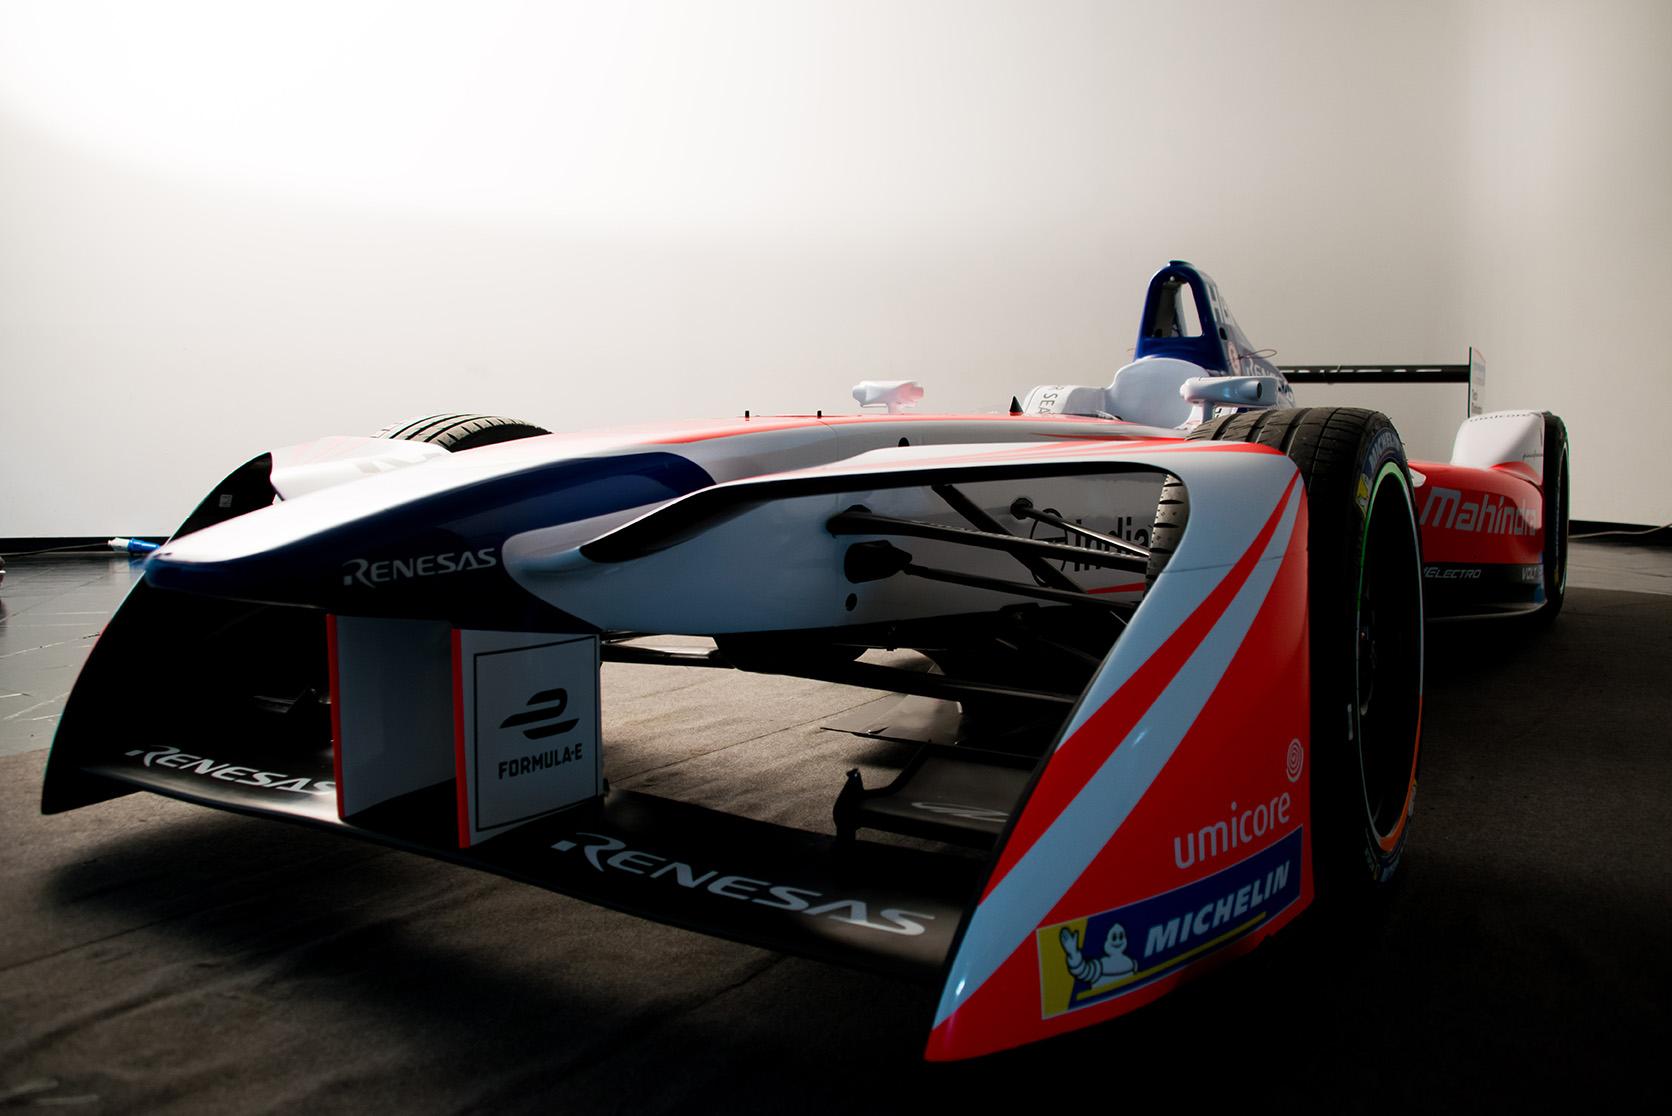 Spacesuit-Media-Marta-Rovatti-Studihrad-FIA-Formula-E-Mahindra-2018MGR_4867